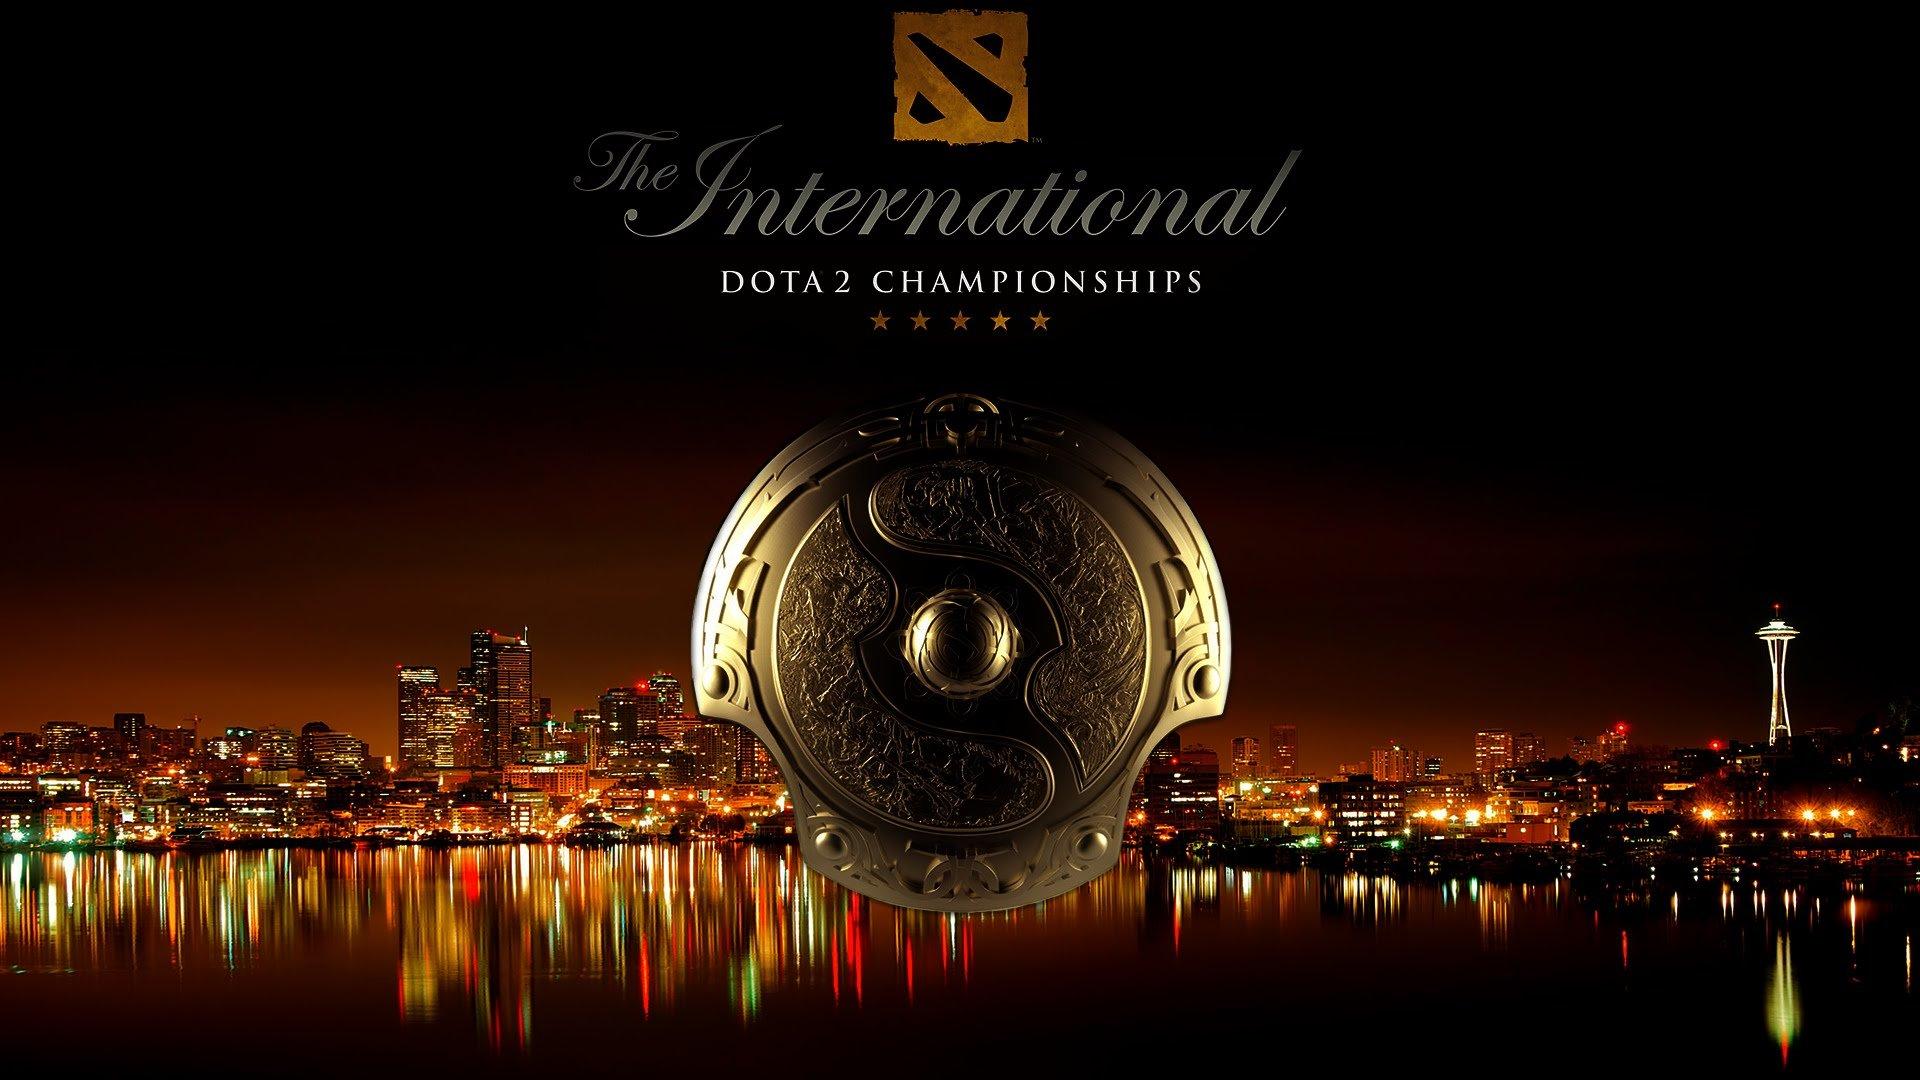 Обсуждение The international 2015. - Изображение 1